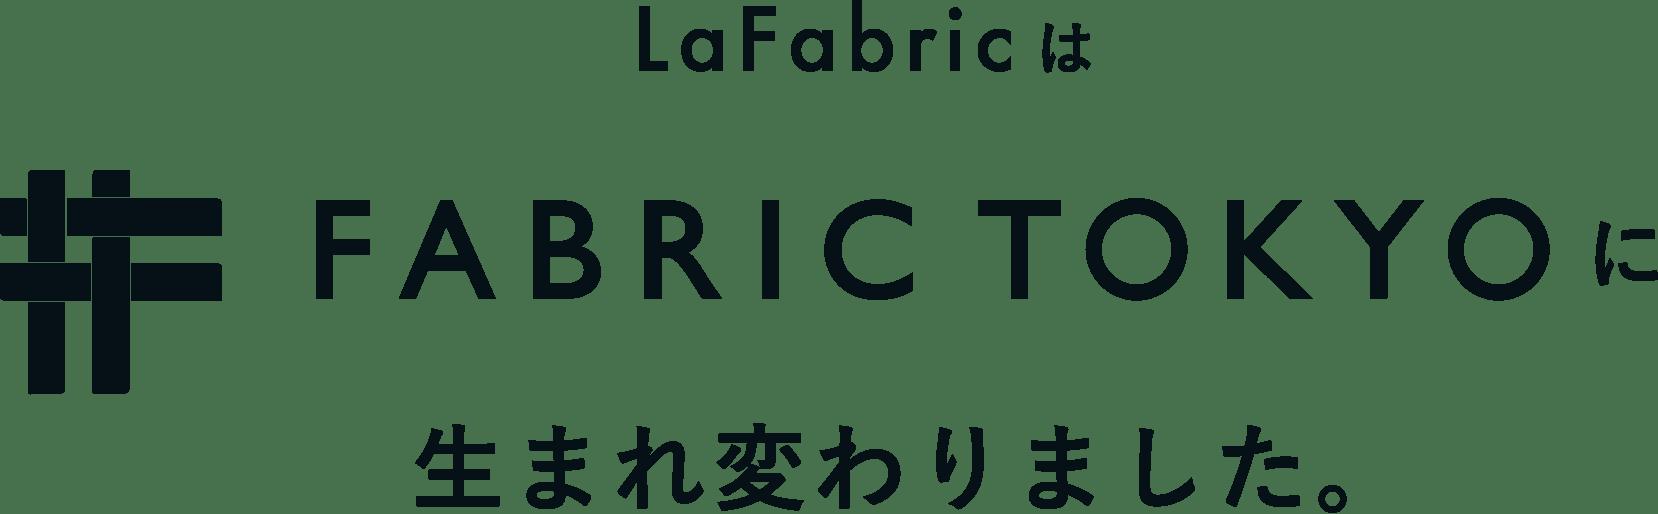 LafabricはFabricTokyoに生まれ変わりました。